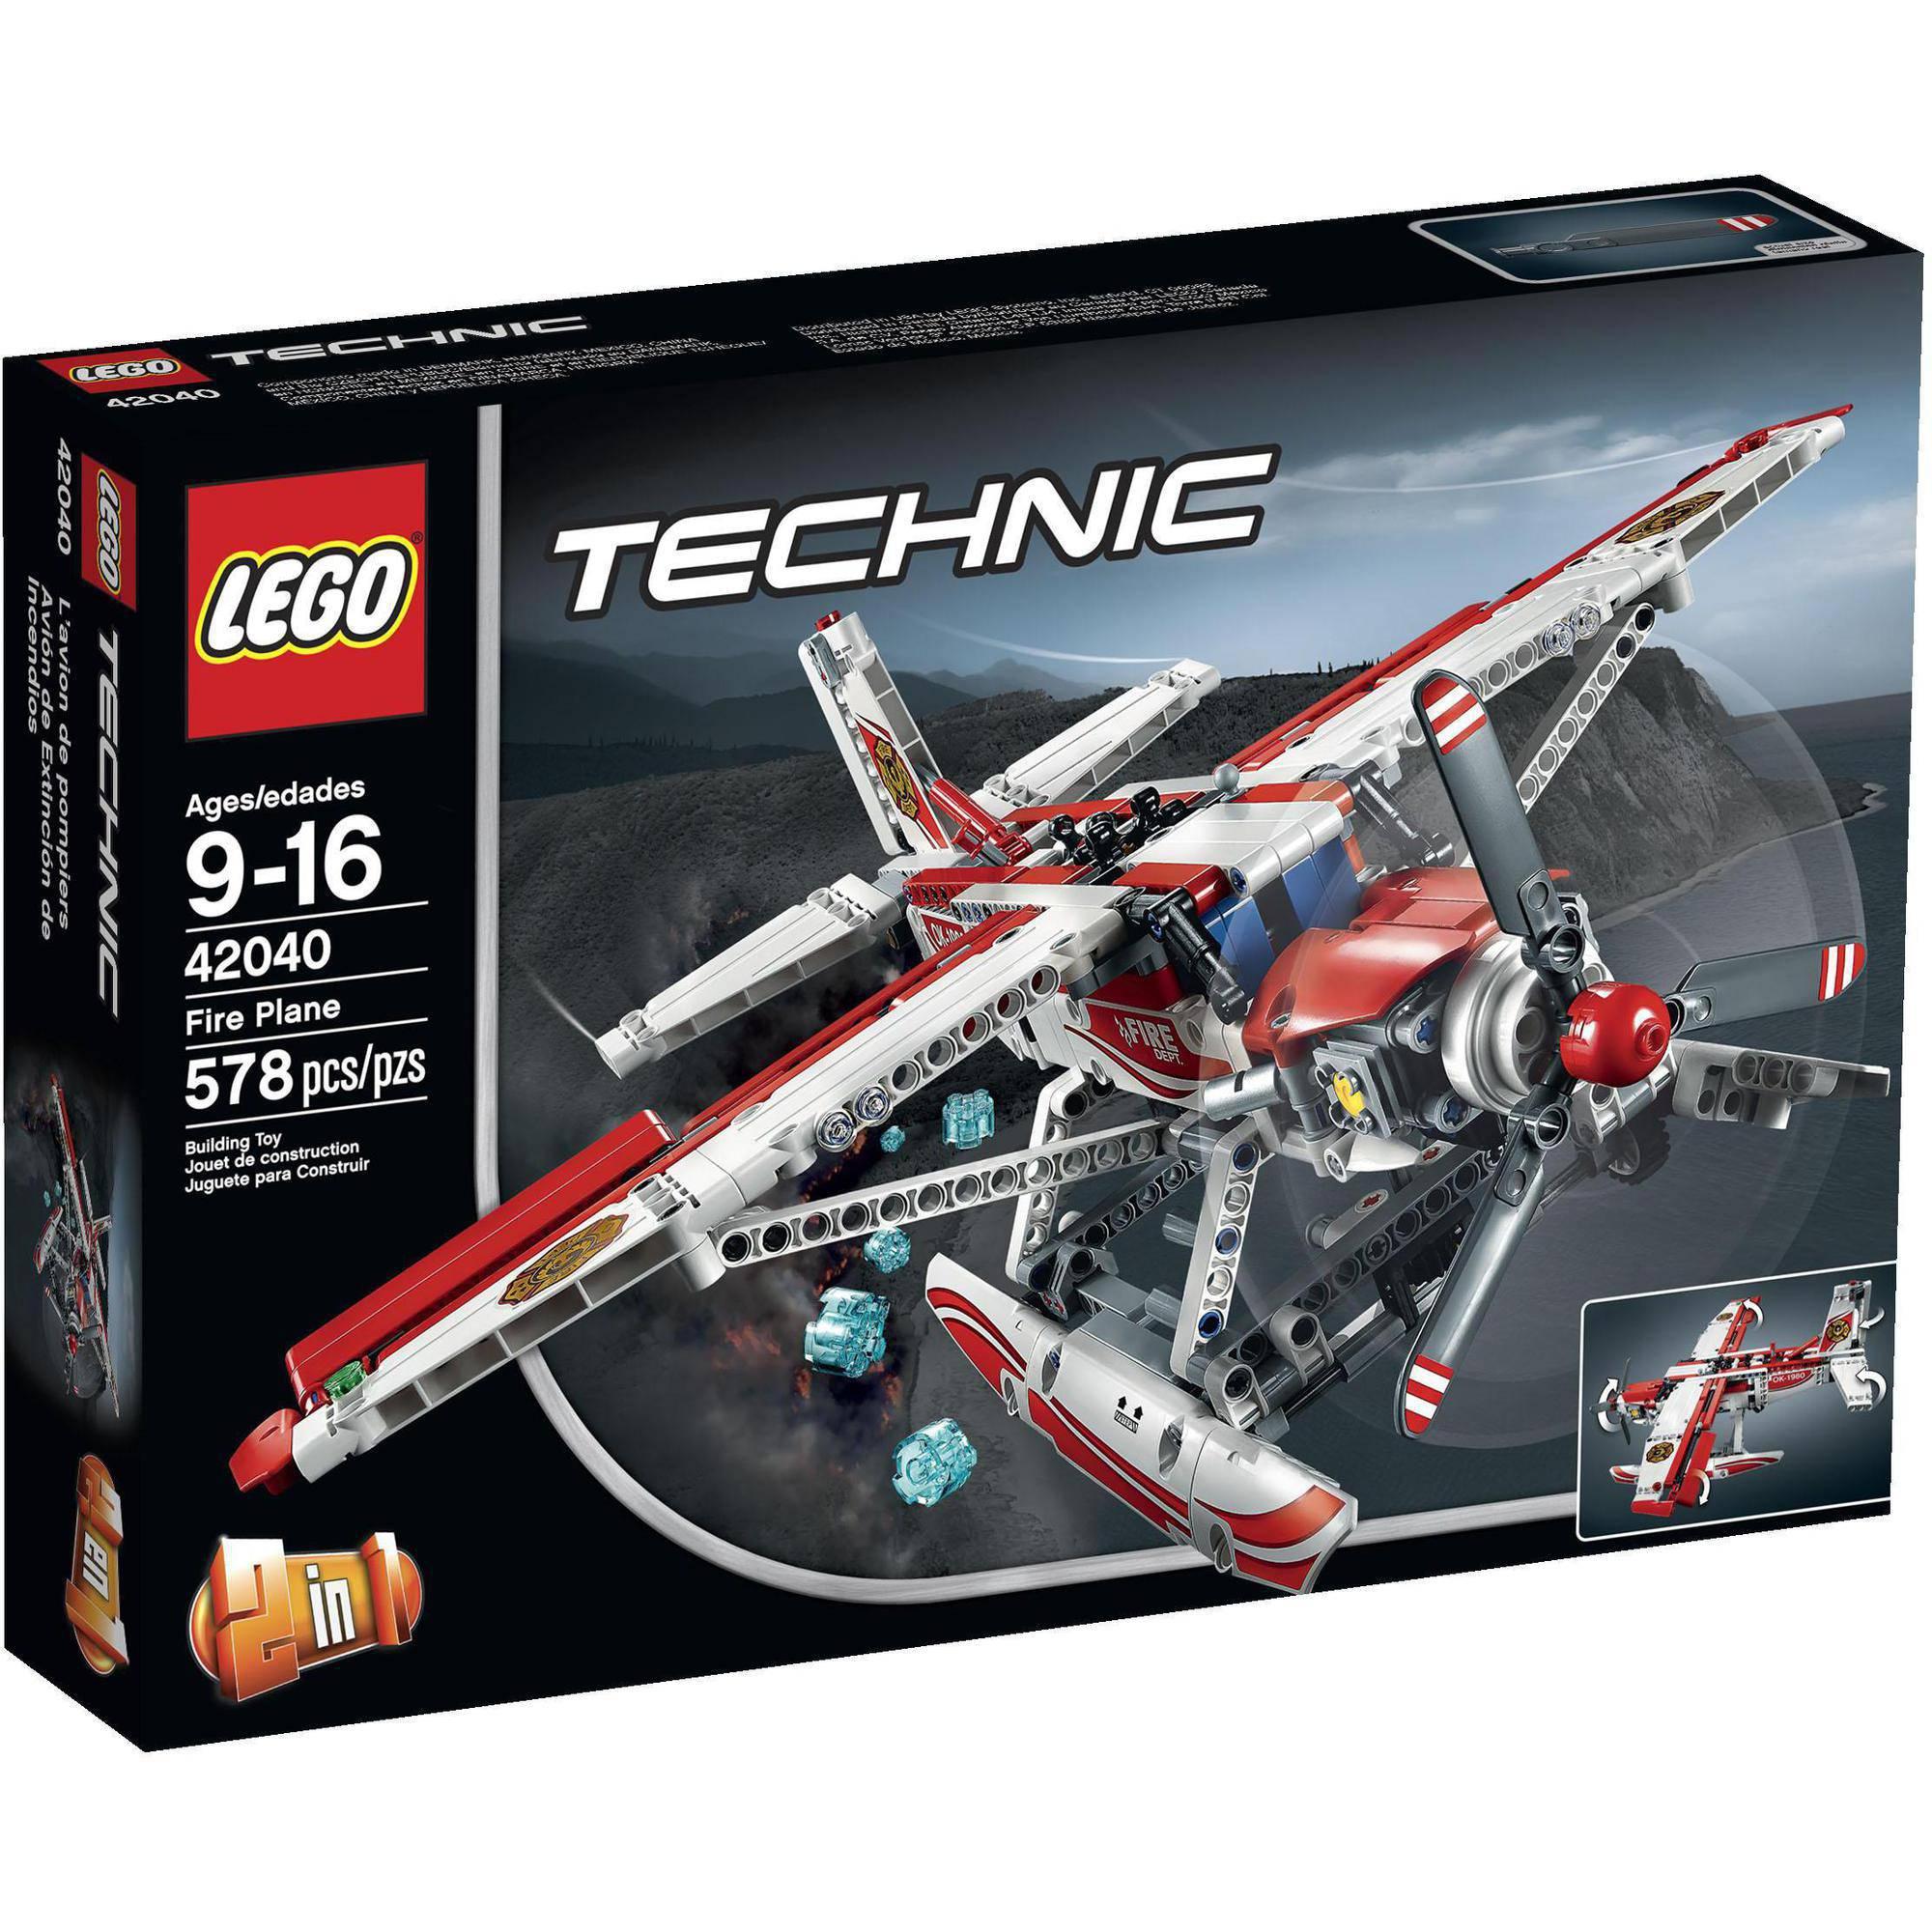 LEGO 2-in-1 Technic Fire Plane 42040